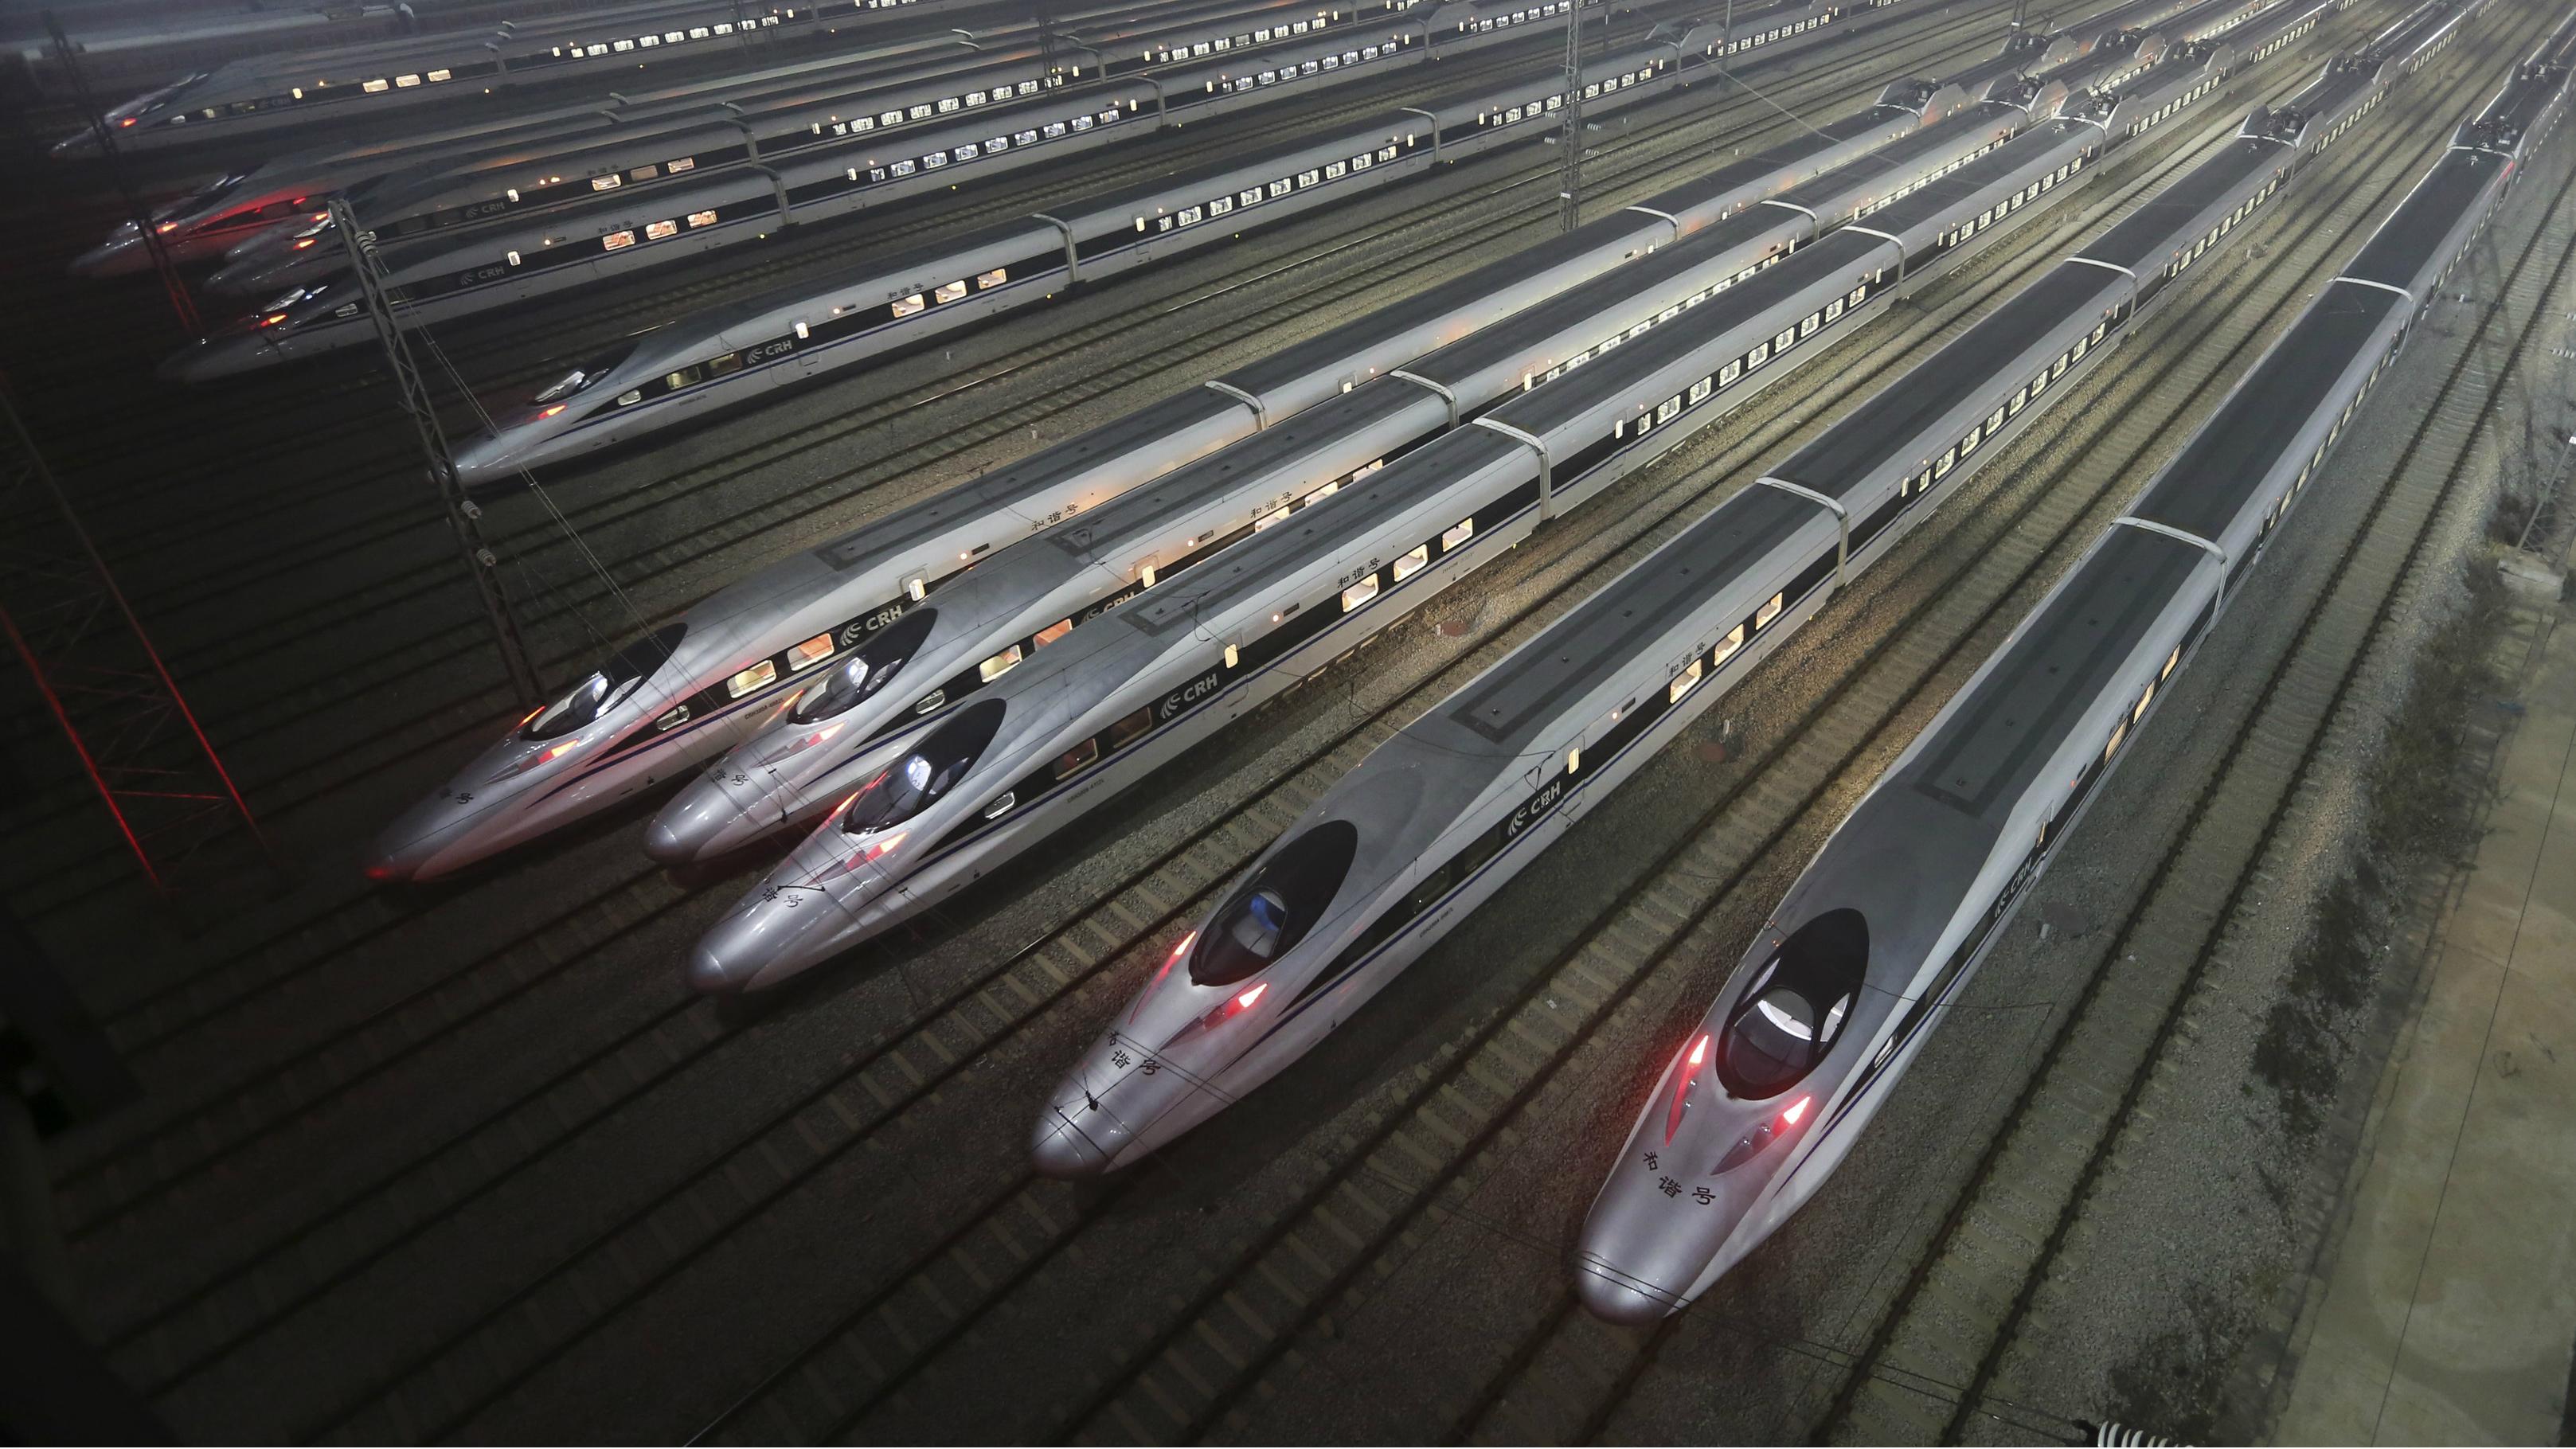 c-train-RTR3BVZM-Darley Shen